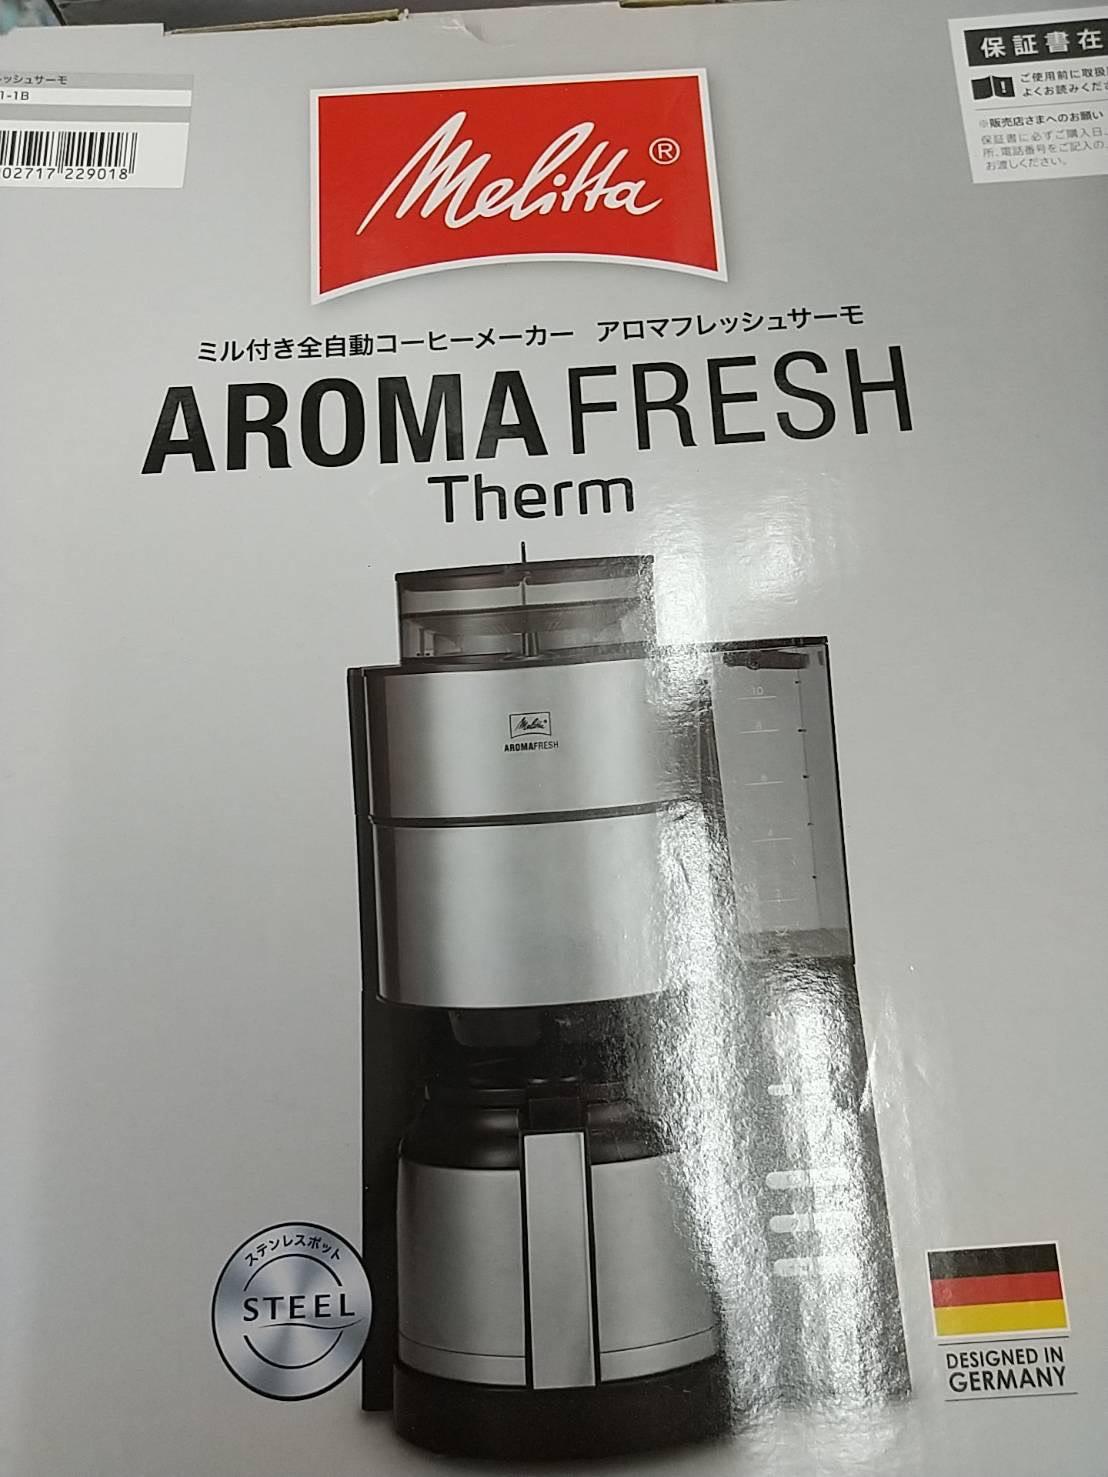 コーヒーメーカー(メリタ)を買取させていただきました。